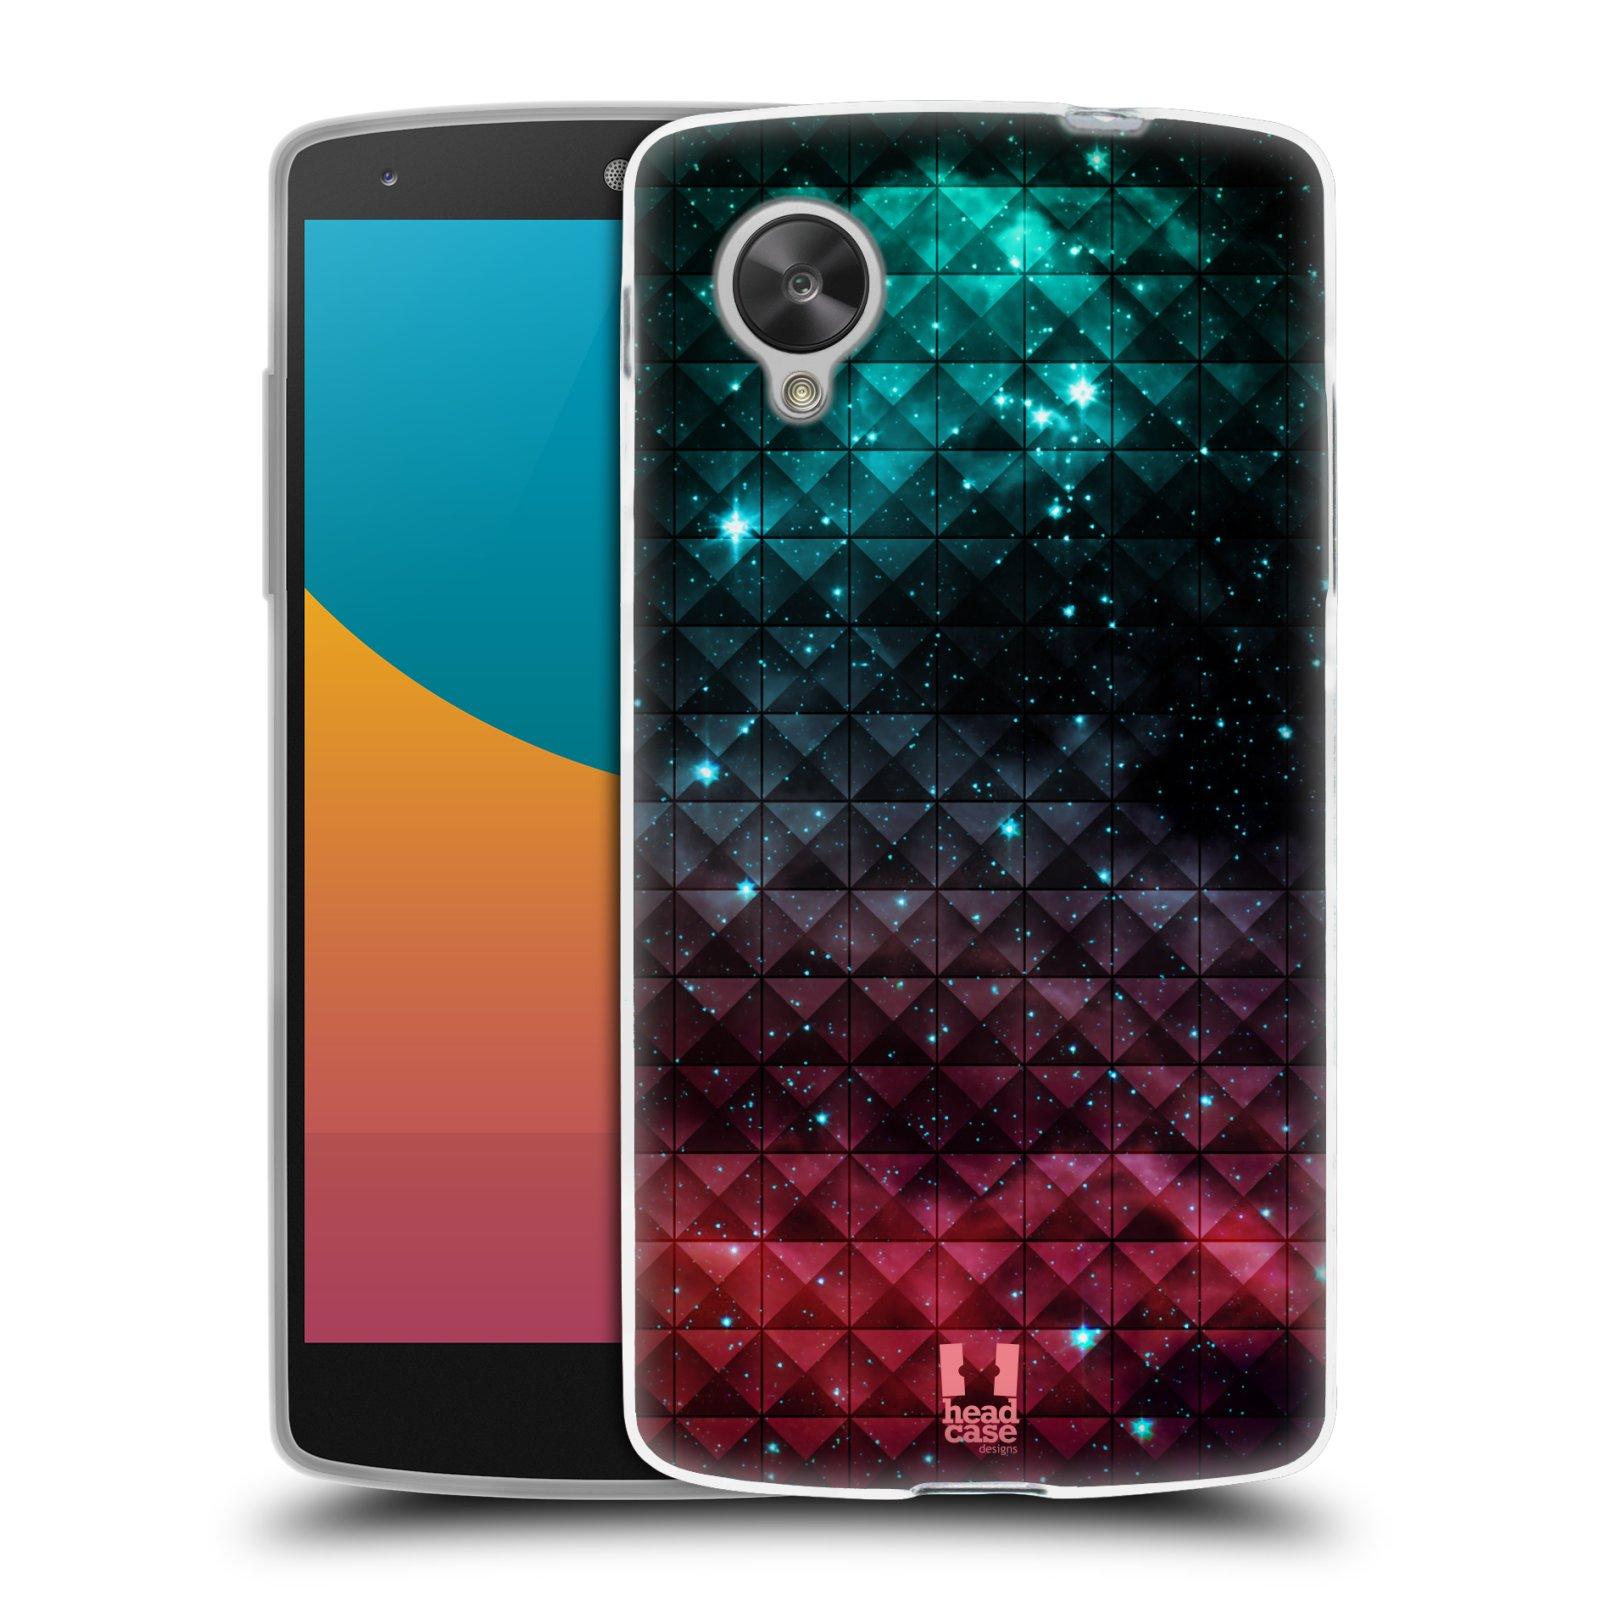 Silikonové pouzdro na mobil LG Nexus 5 HEAD CASE OMBRE SPARKLE (Silikonový kryt či obal na mobilní telefon LG Google Nexus 5 D821)